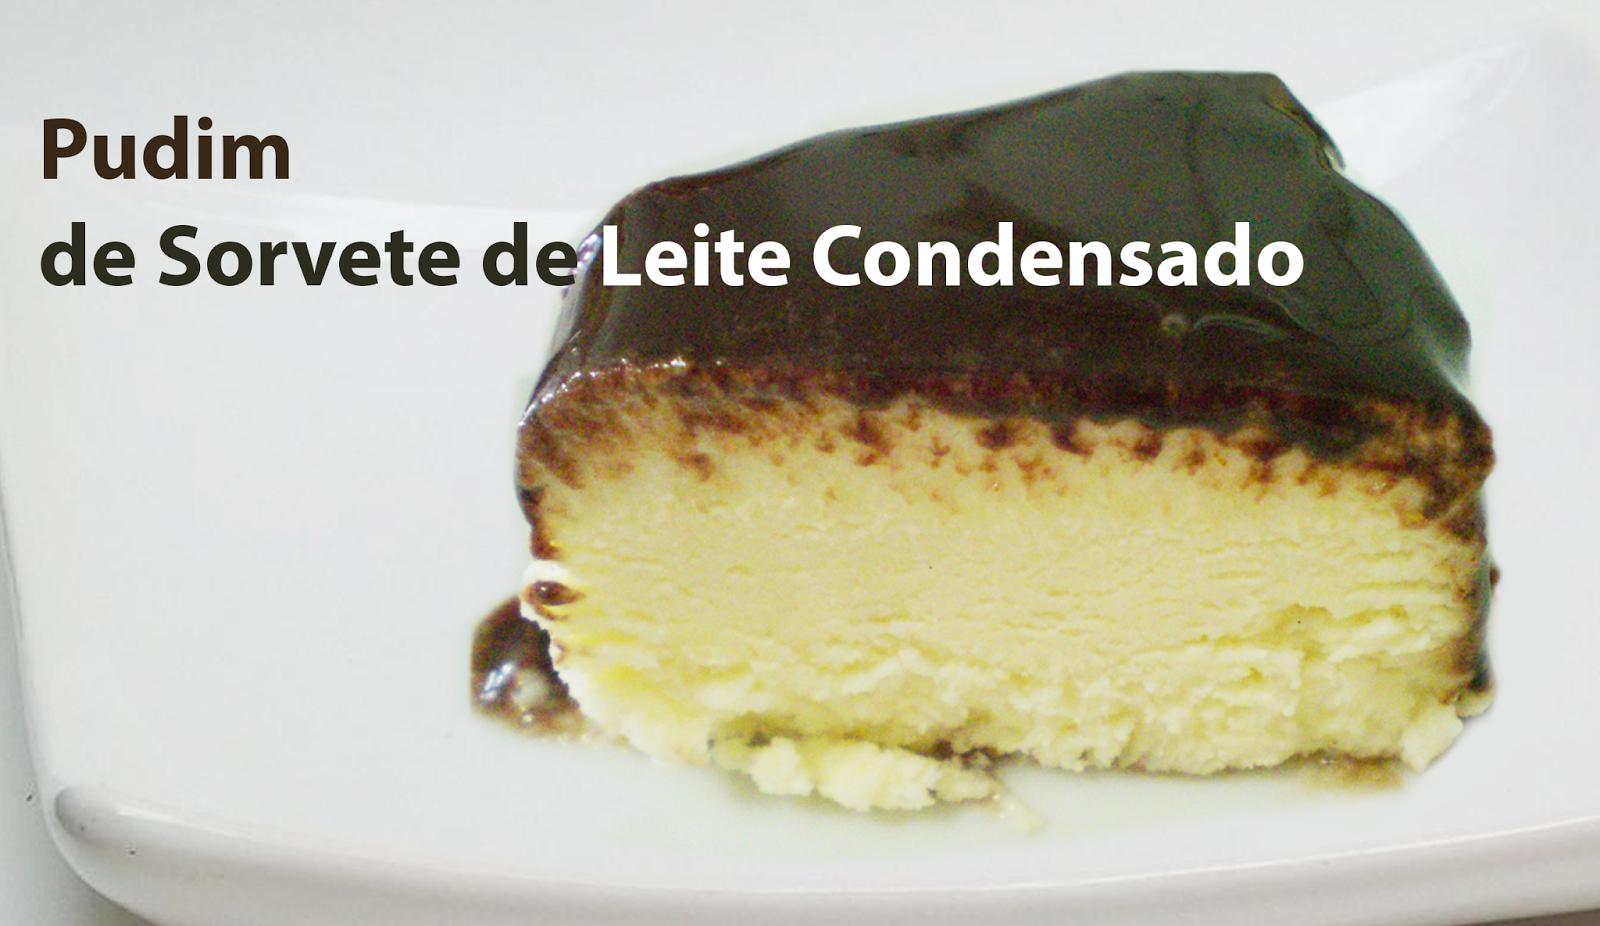 Pudim de Sorvete de Leite Condensado com Calda de chocolate